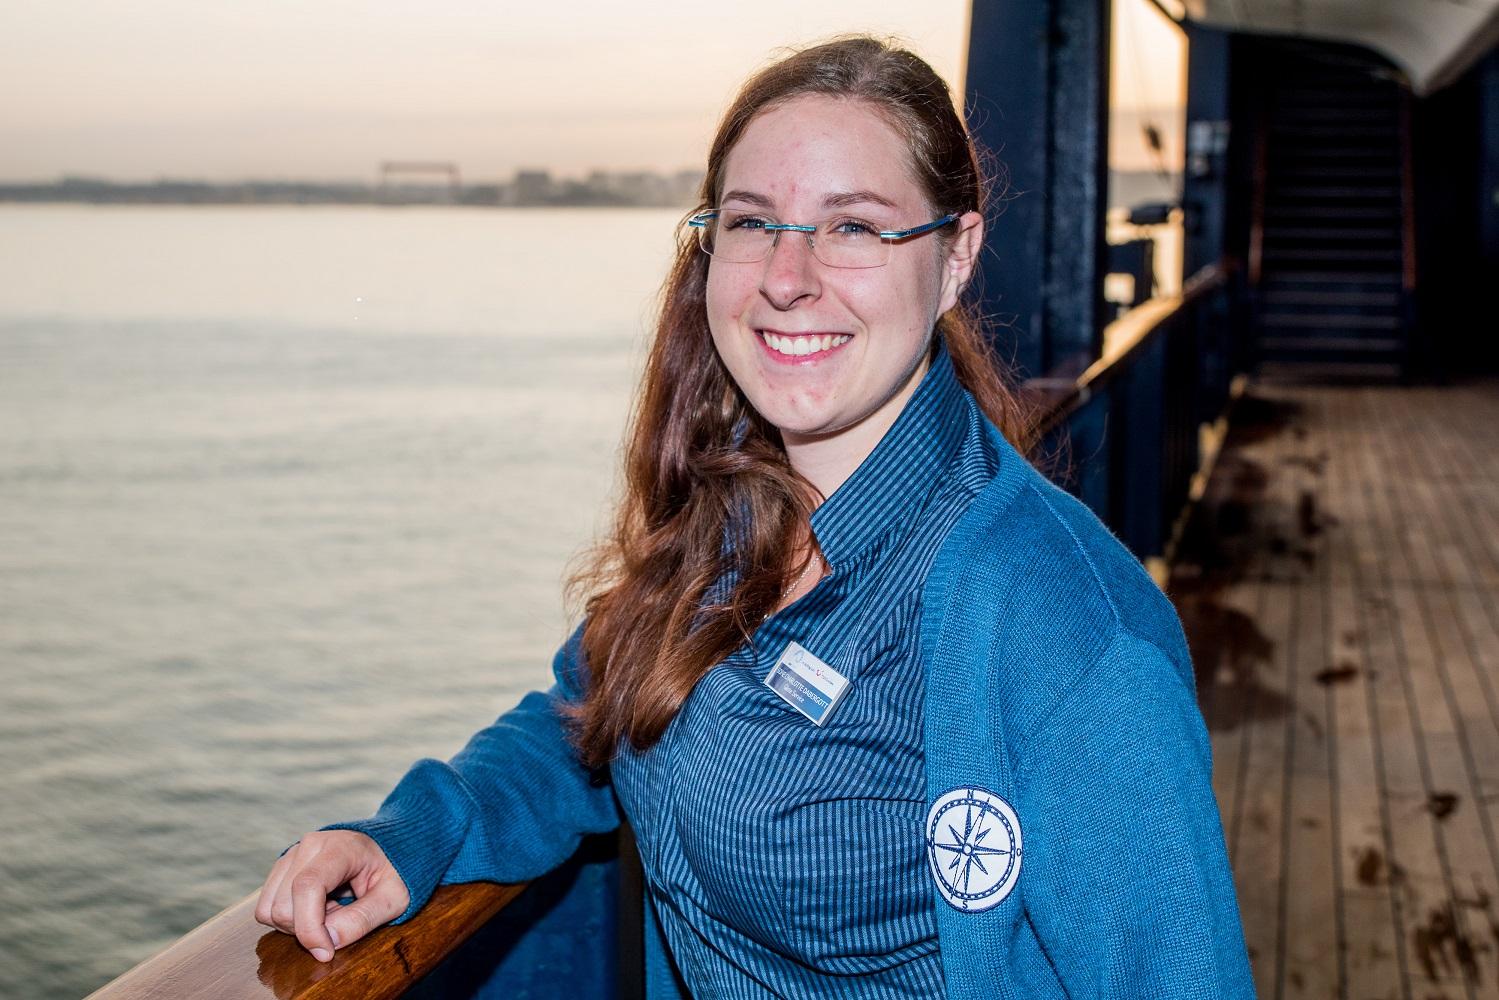 Mein Schiff Urlaubsheldin im Oktober 2018: Sofie Charlotte Dabergott